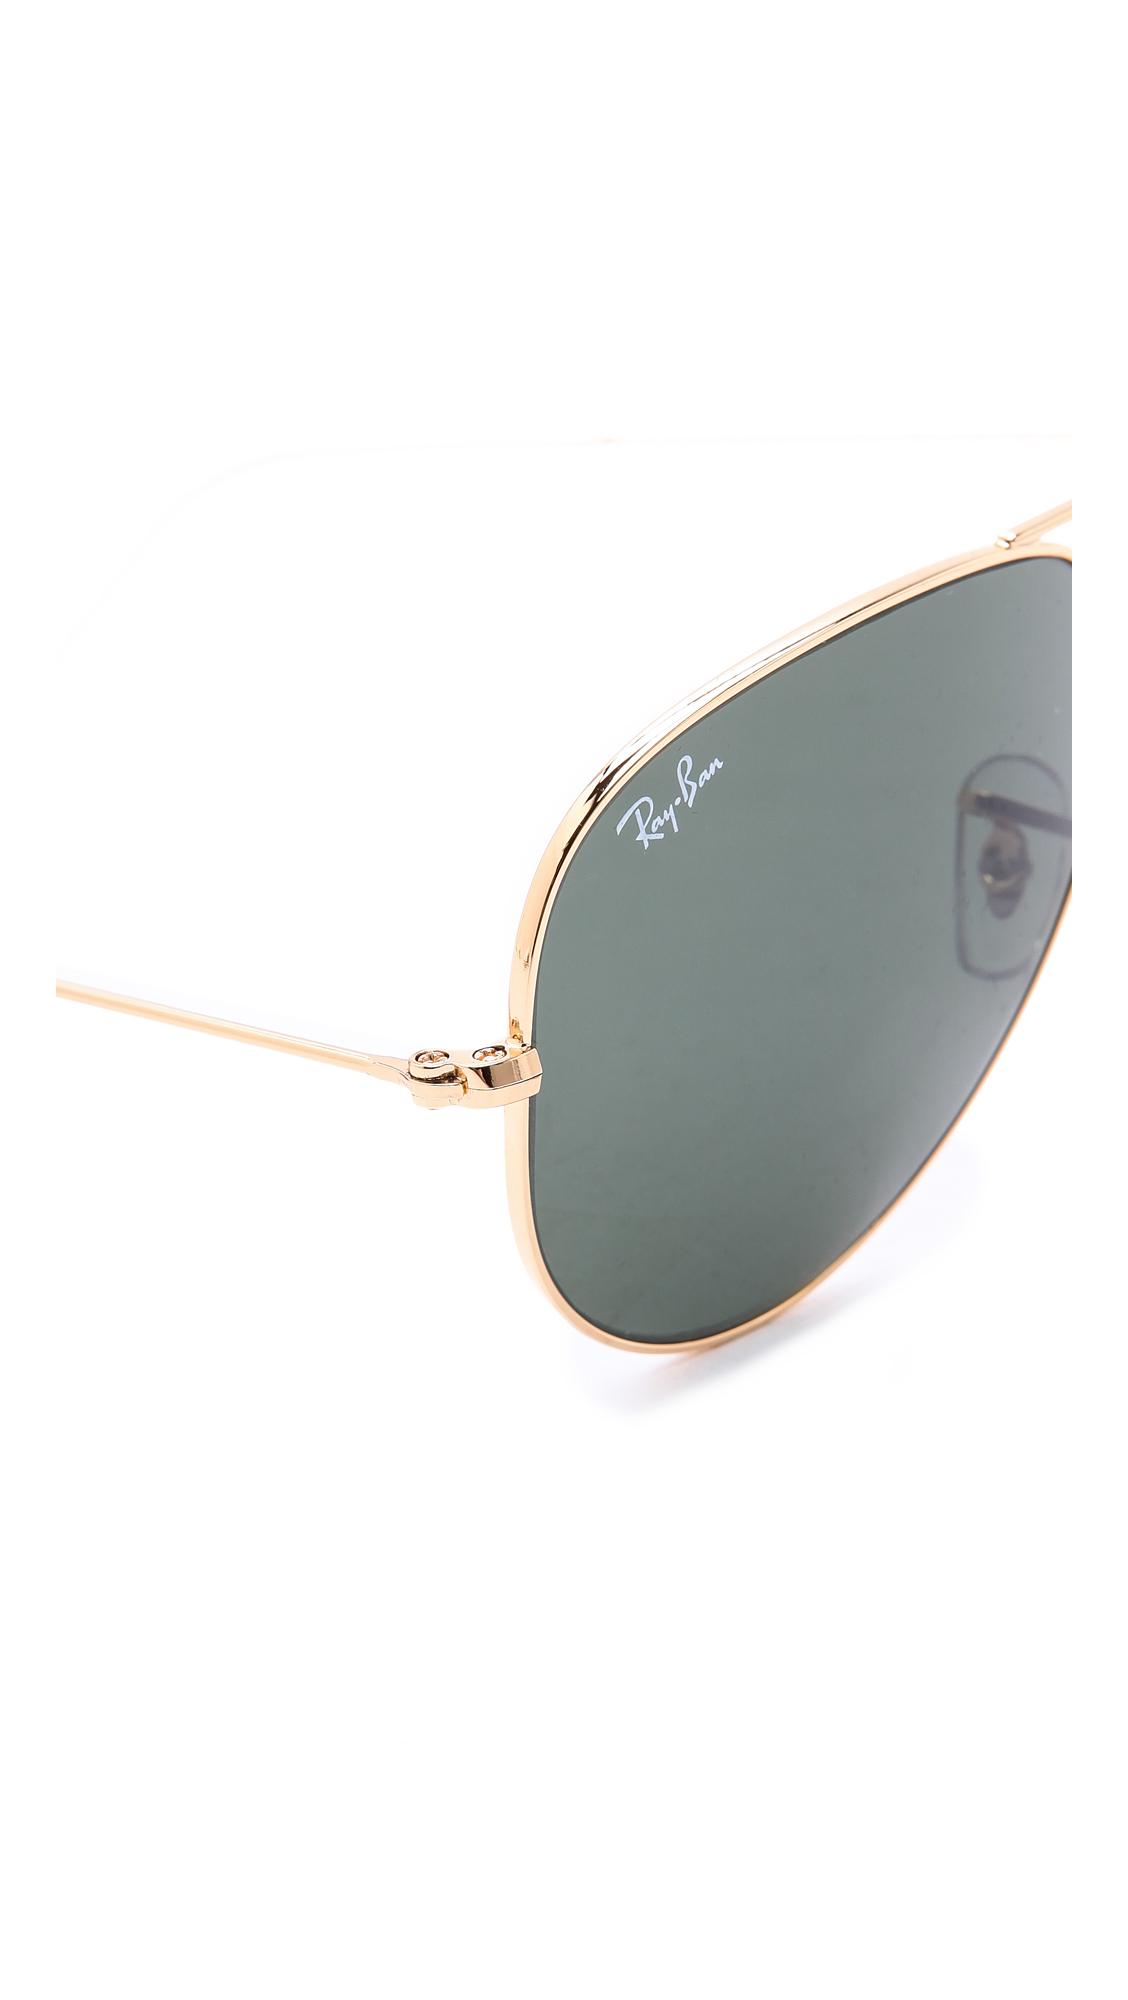 Ban original aviator sunglasses